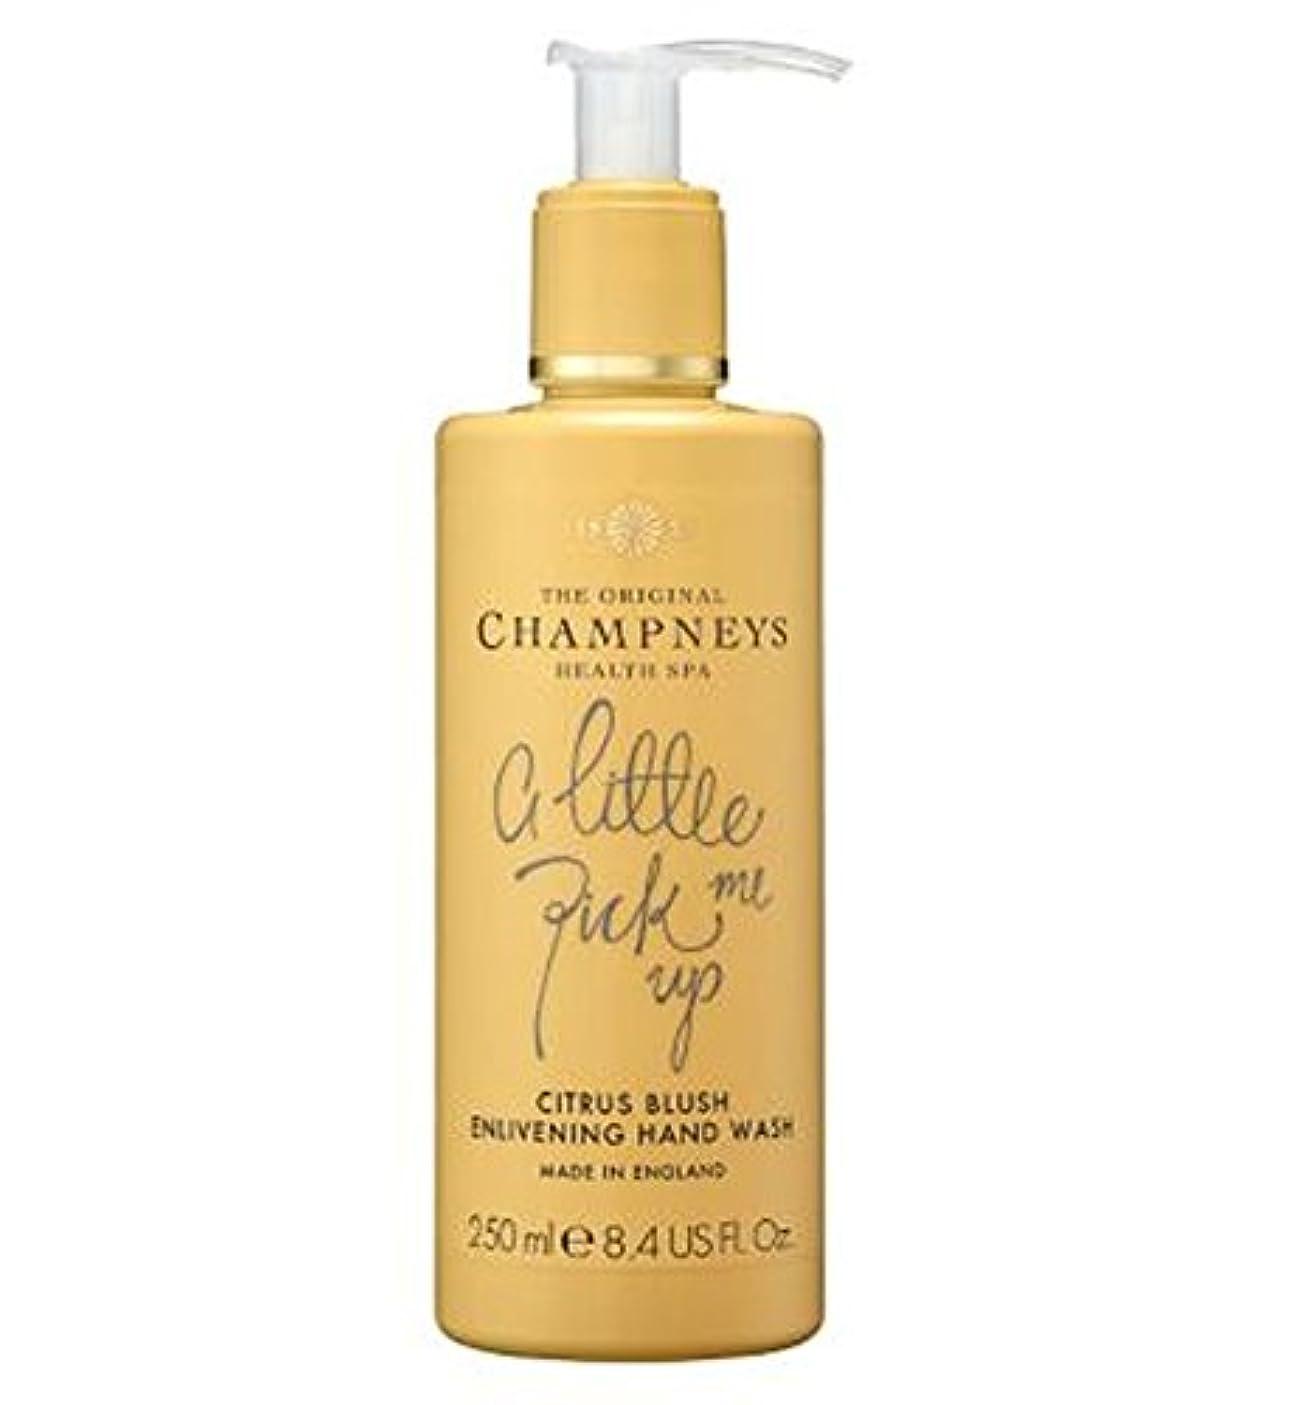 絶対の地球癒すチャンプニーズシトラス赤面盛り上げハンドウォッシュ250ミリリットル (Champneys) (x2) - Champneys Citrus Blush Enlivening Hand Wash 250ml (Pack...